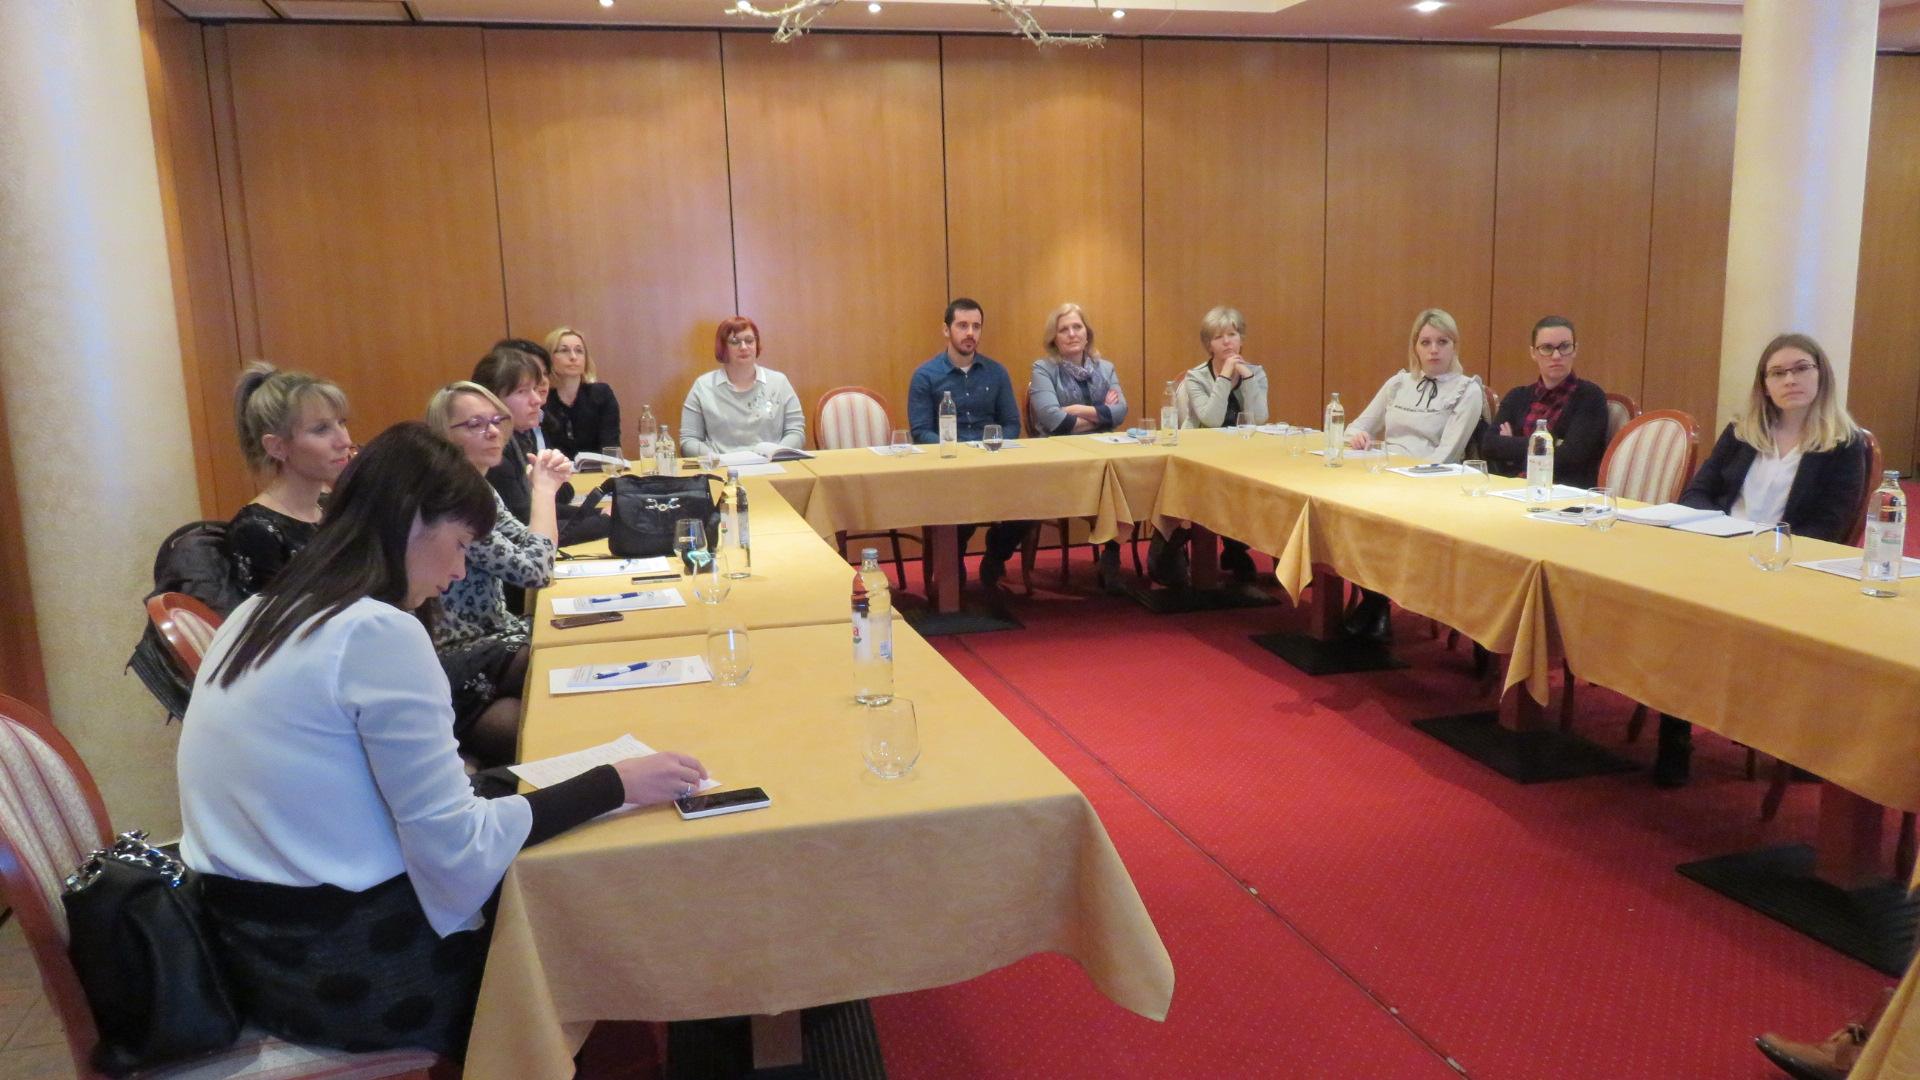 Lureti-javna-nabava-seminar-Karlovac.jpg